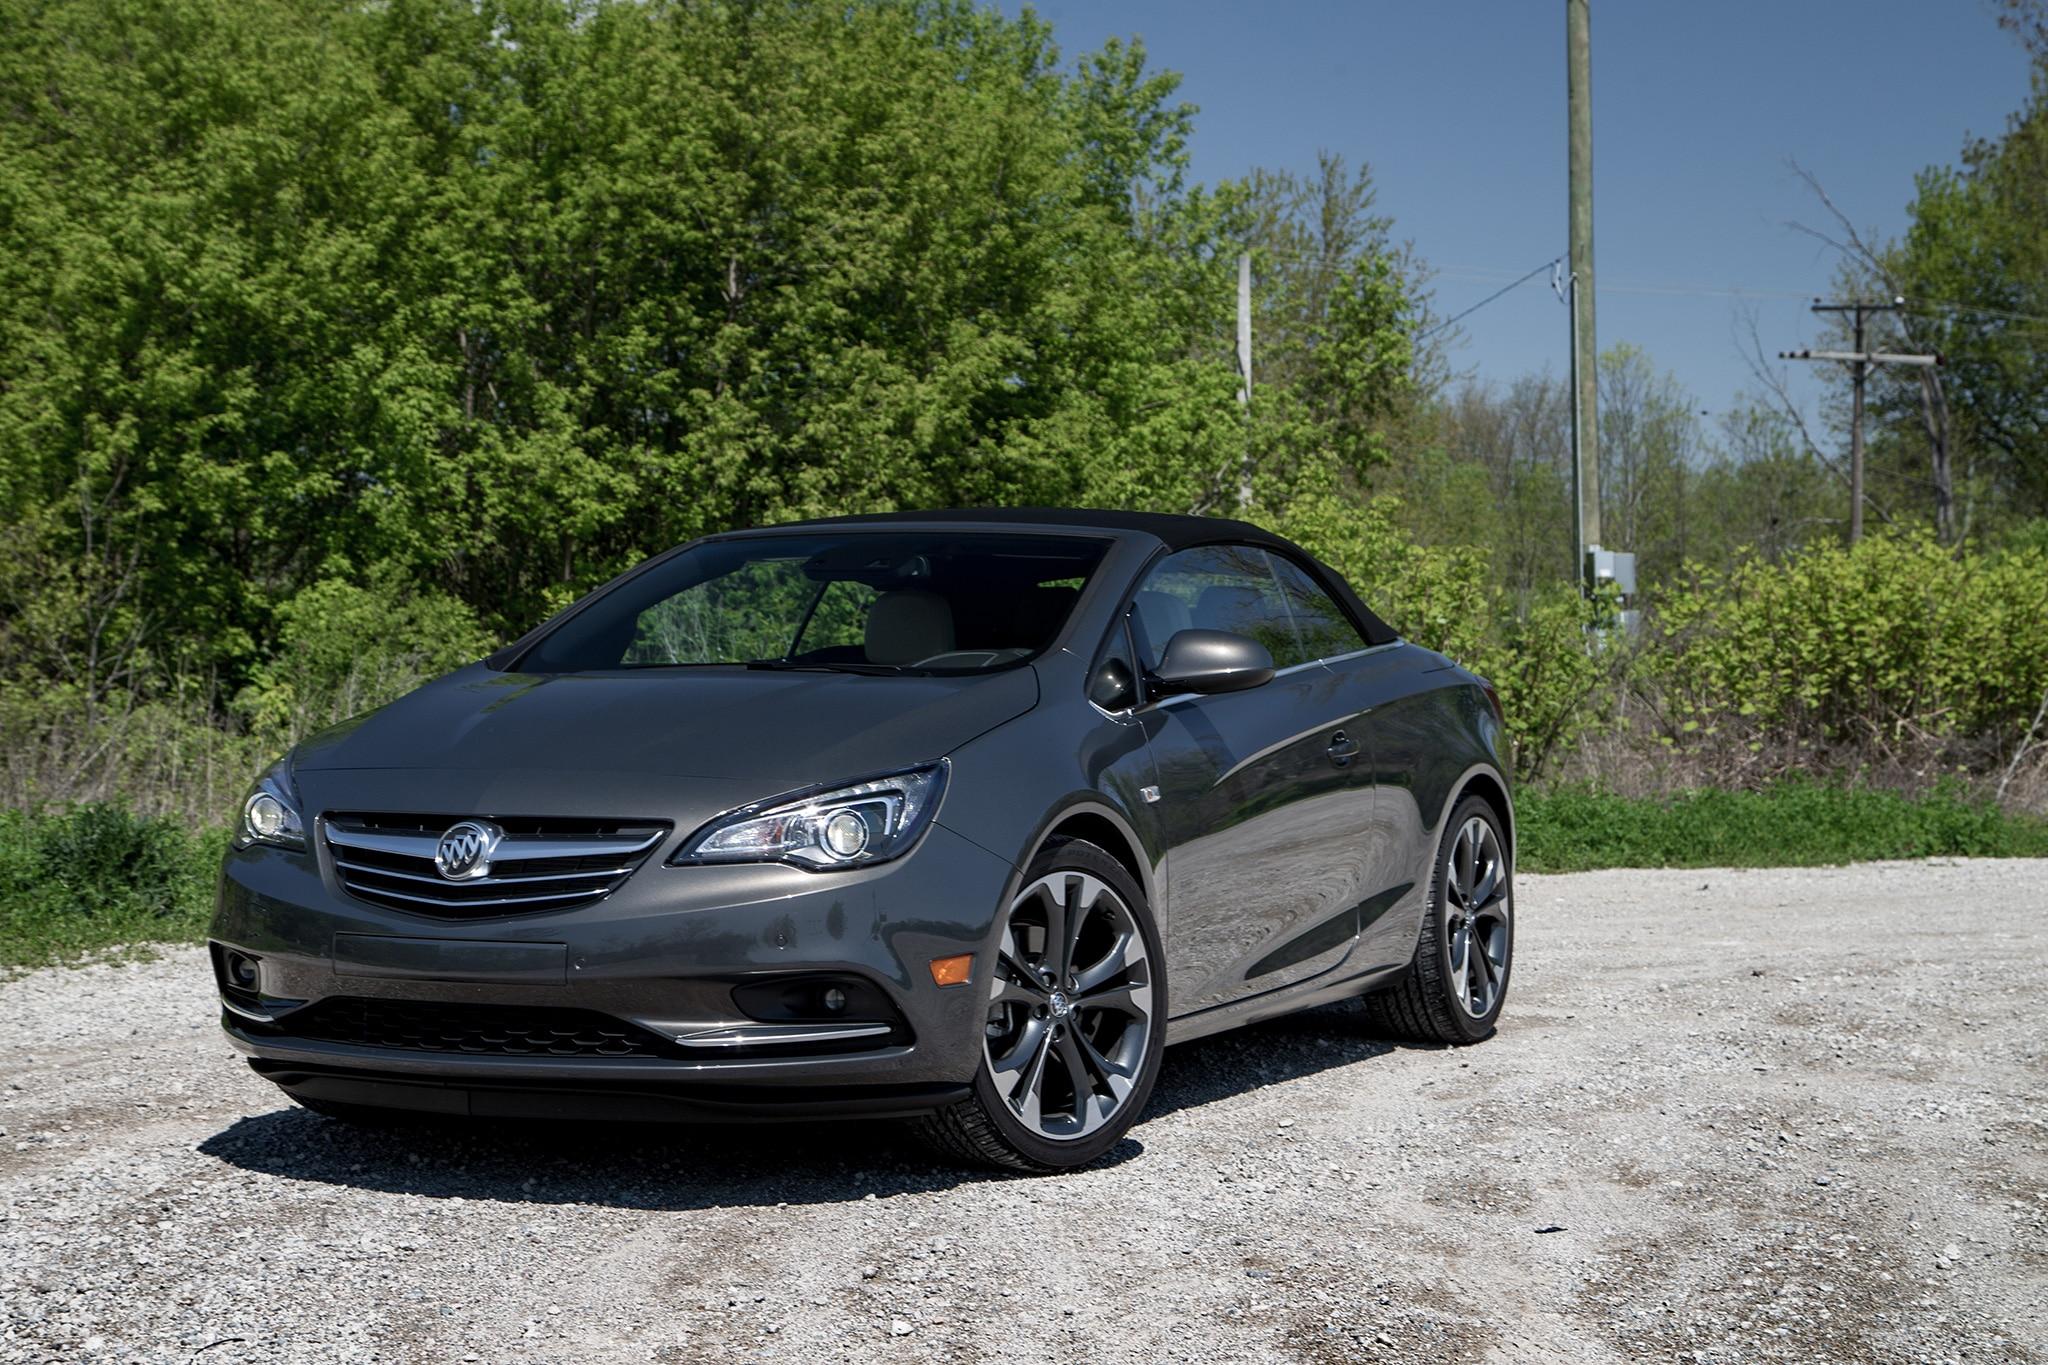 Buick Avista Convertible | 2019 - 2020 GM Car Models